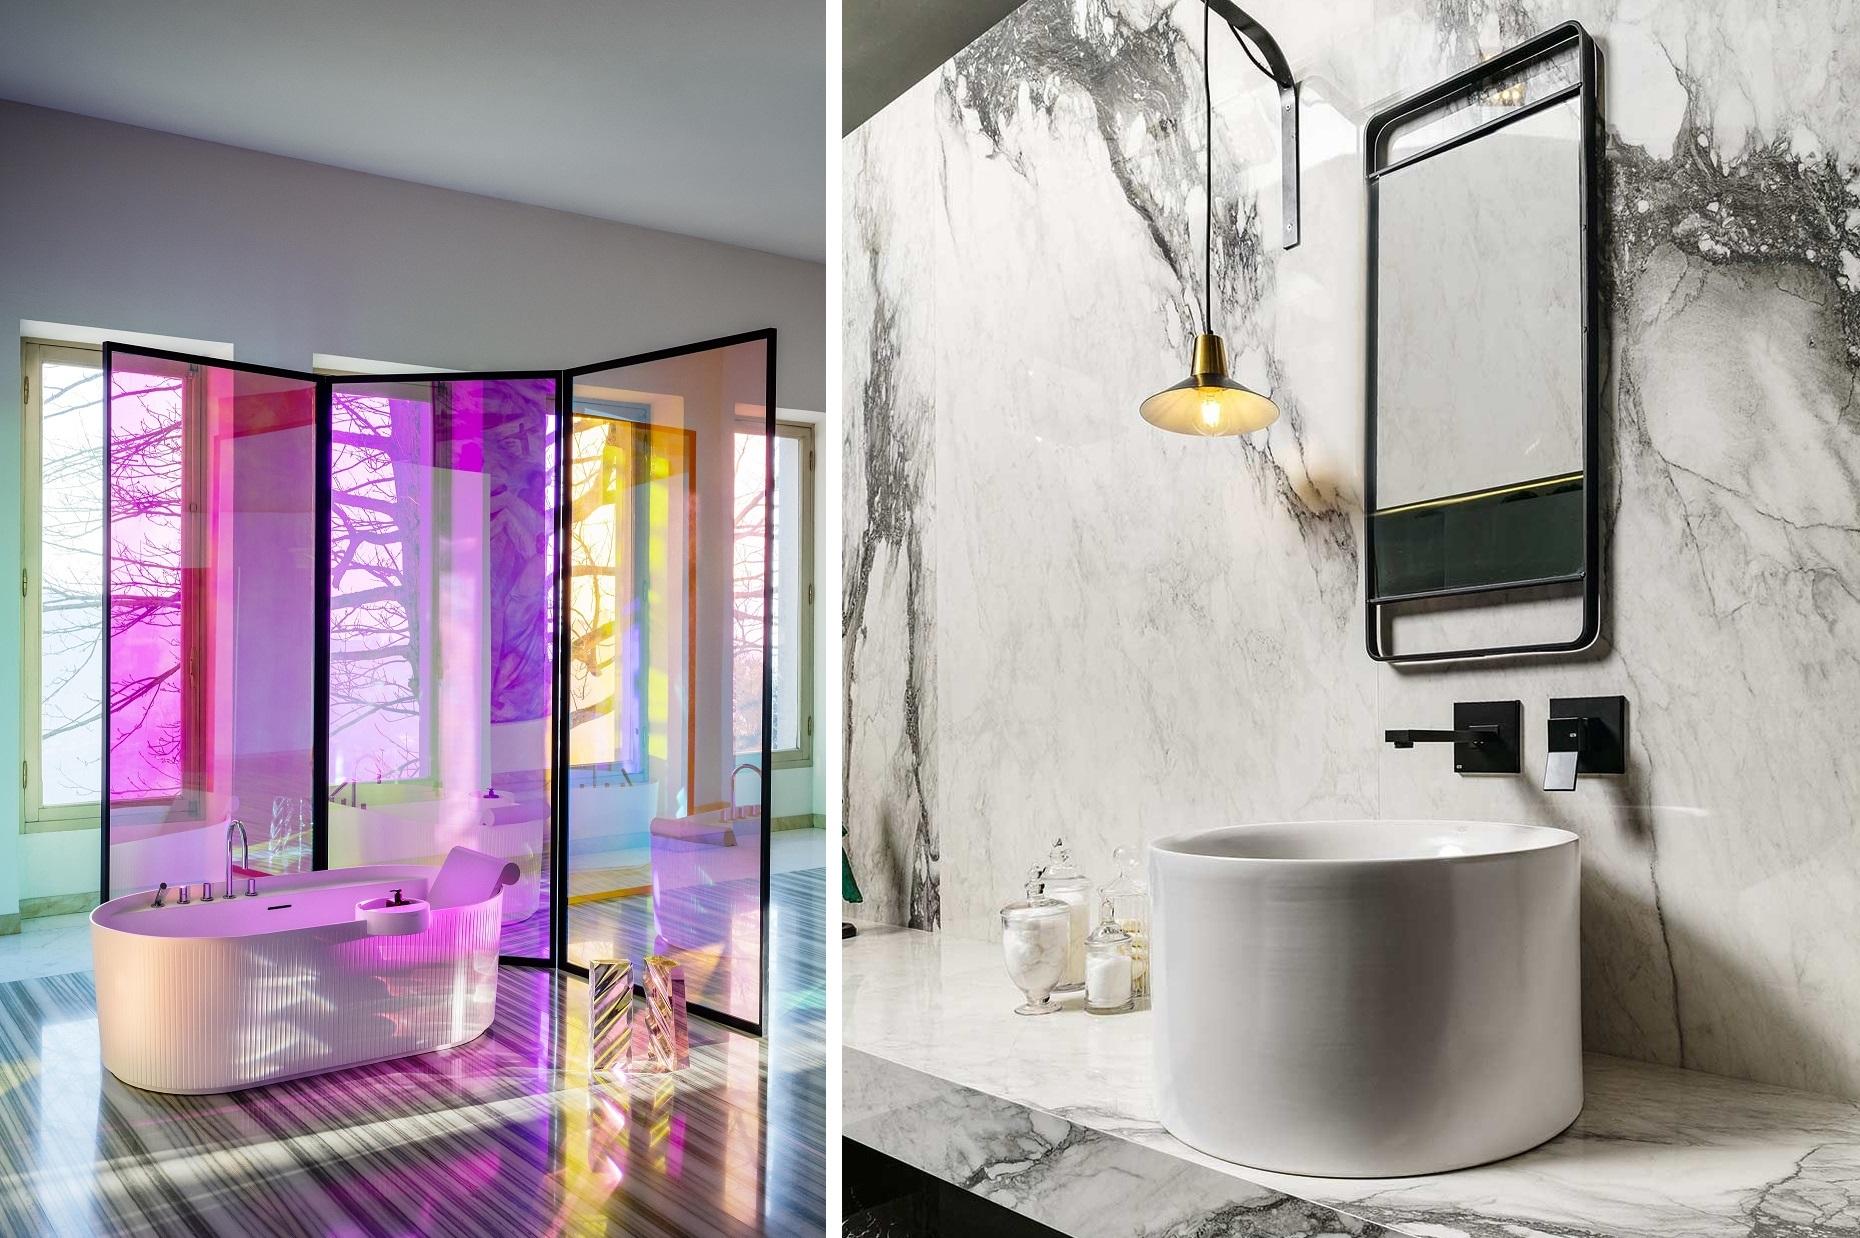 Šiuolaikinė vonia: 5 svarbiausios taisyklės